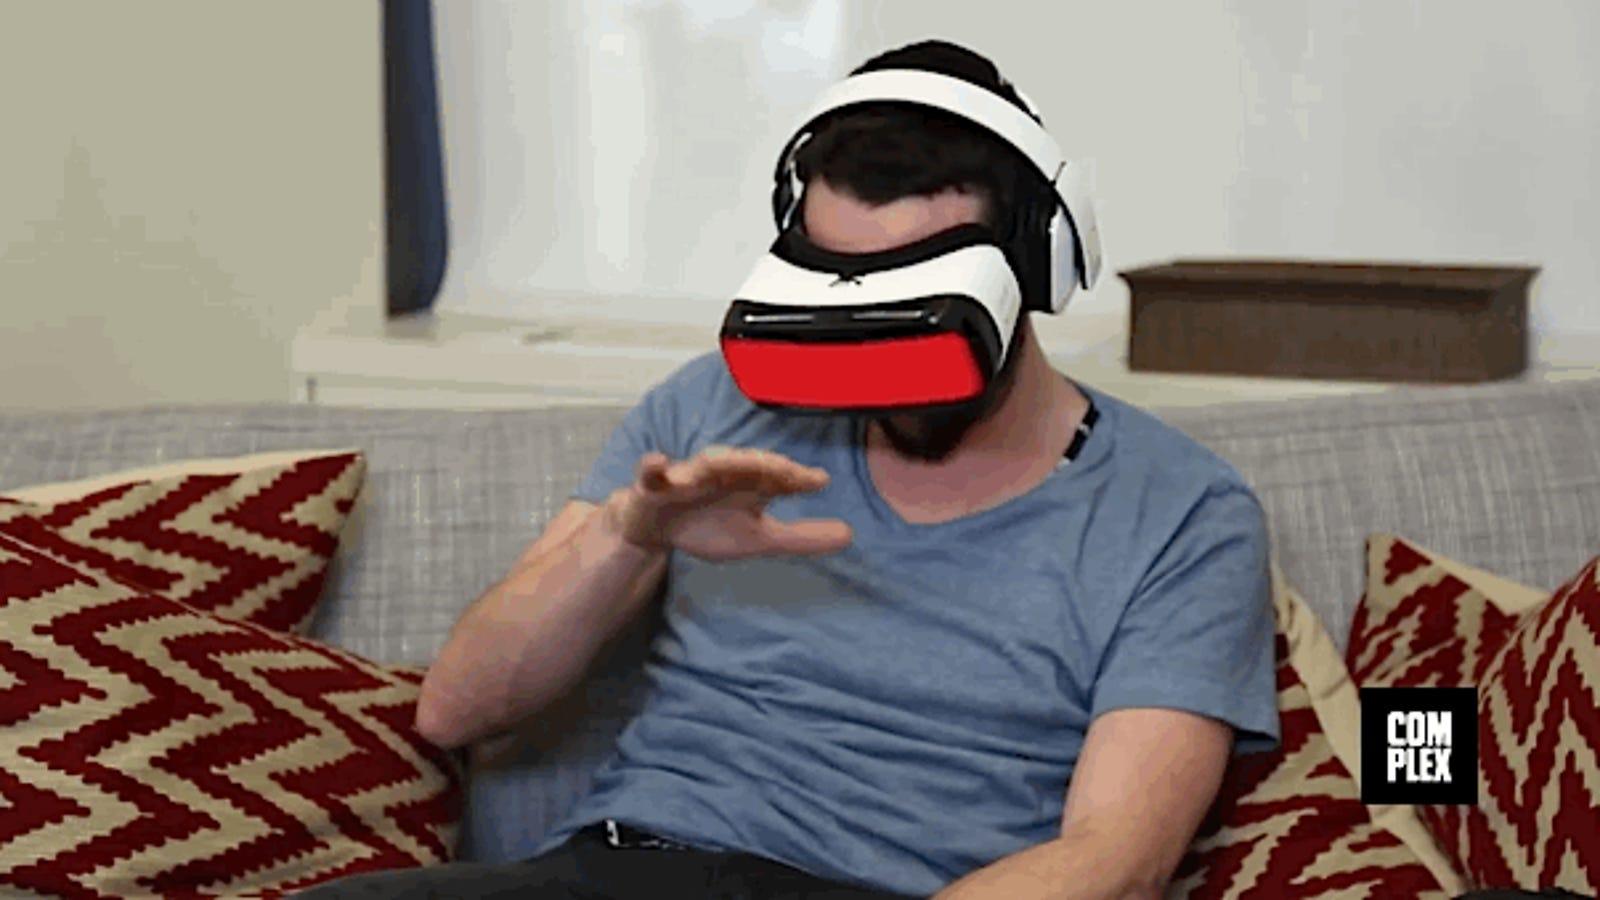 Qué ocurre cuando ves porno en realidad virtual por primera vez